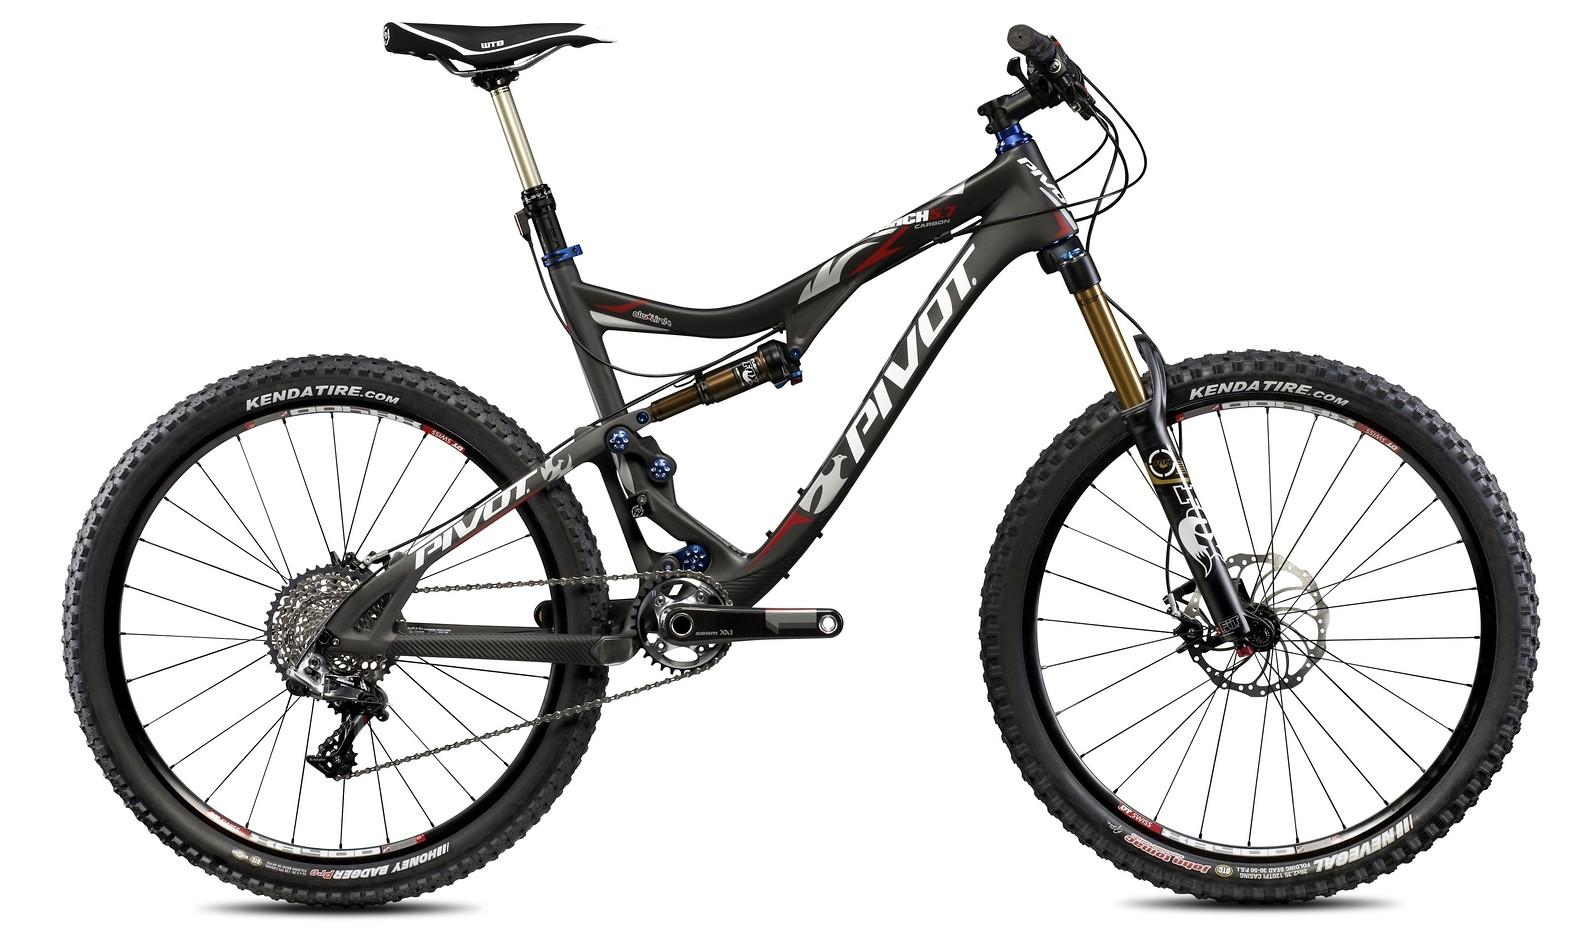 2014 Pivot Mach 5.7 Carbon bike